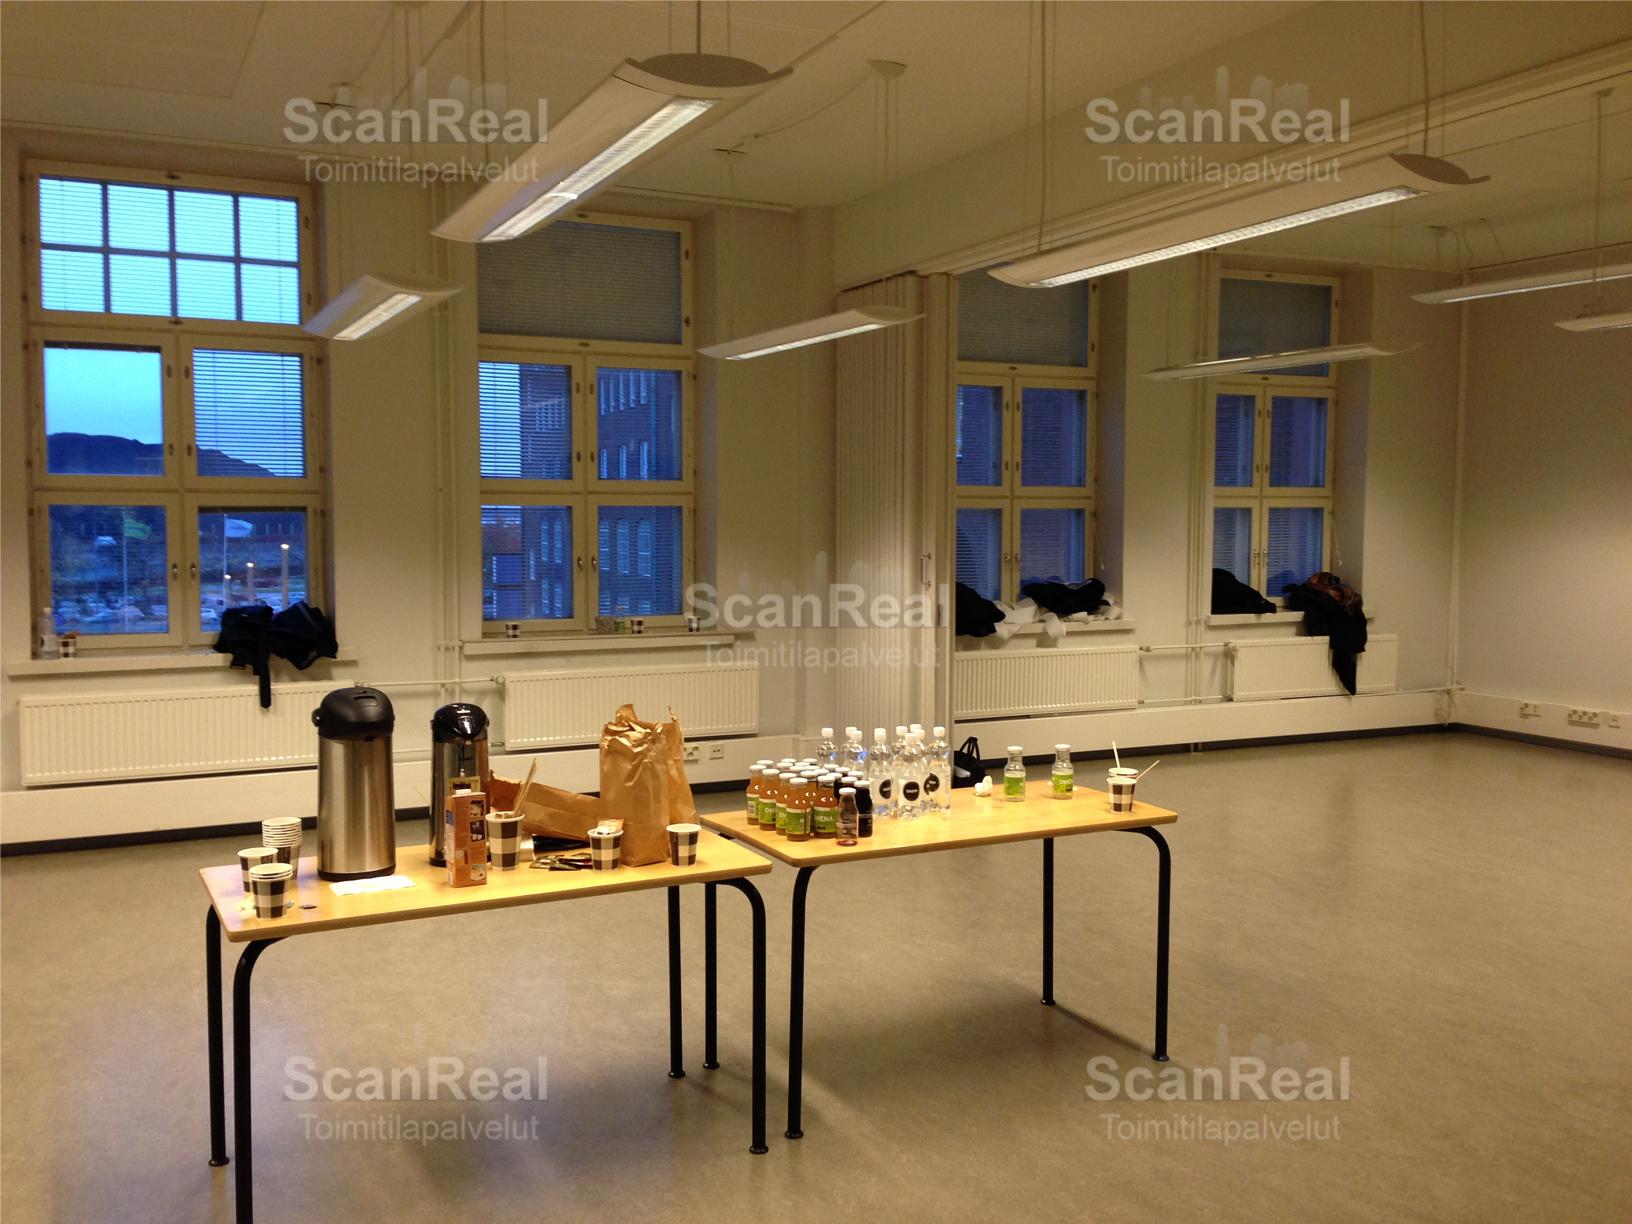 Hämeentie 13, Sörnäinen, Helsinki